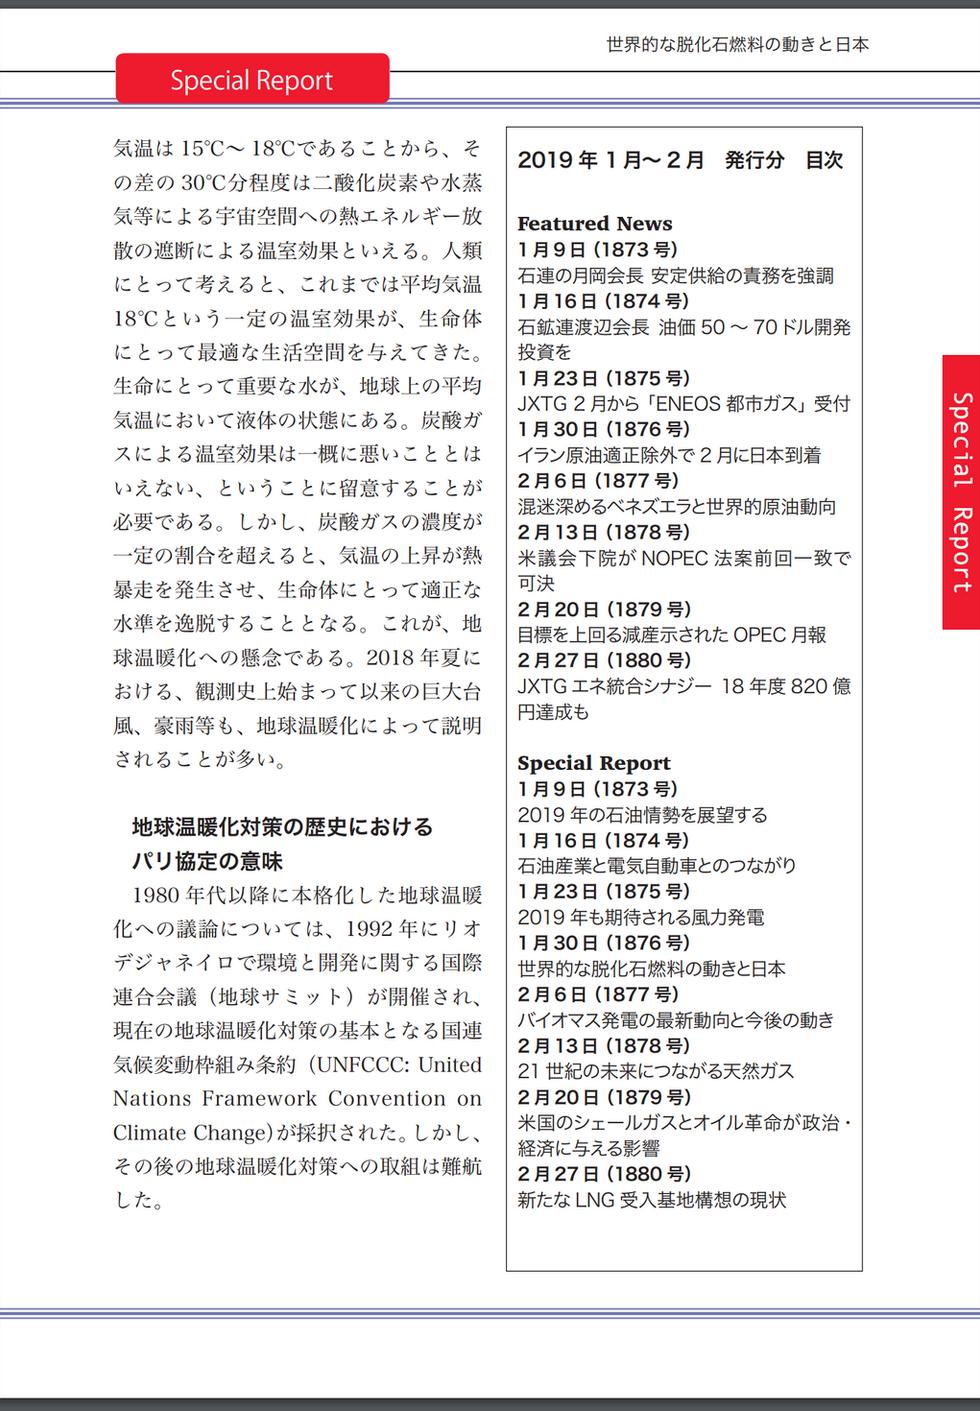 週刊オイル・リポート 4ページ